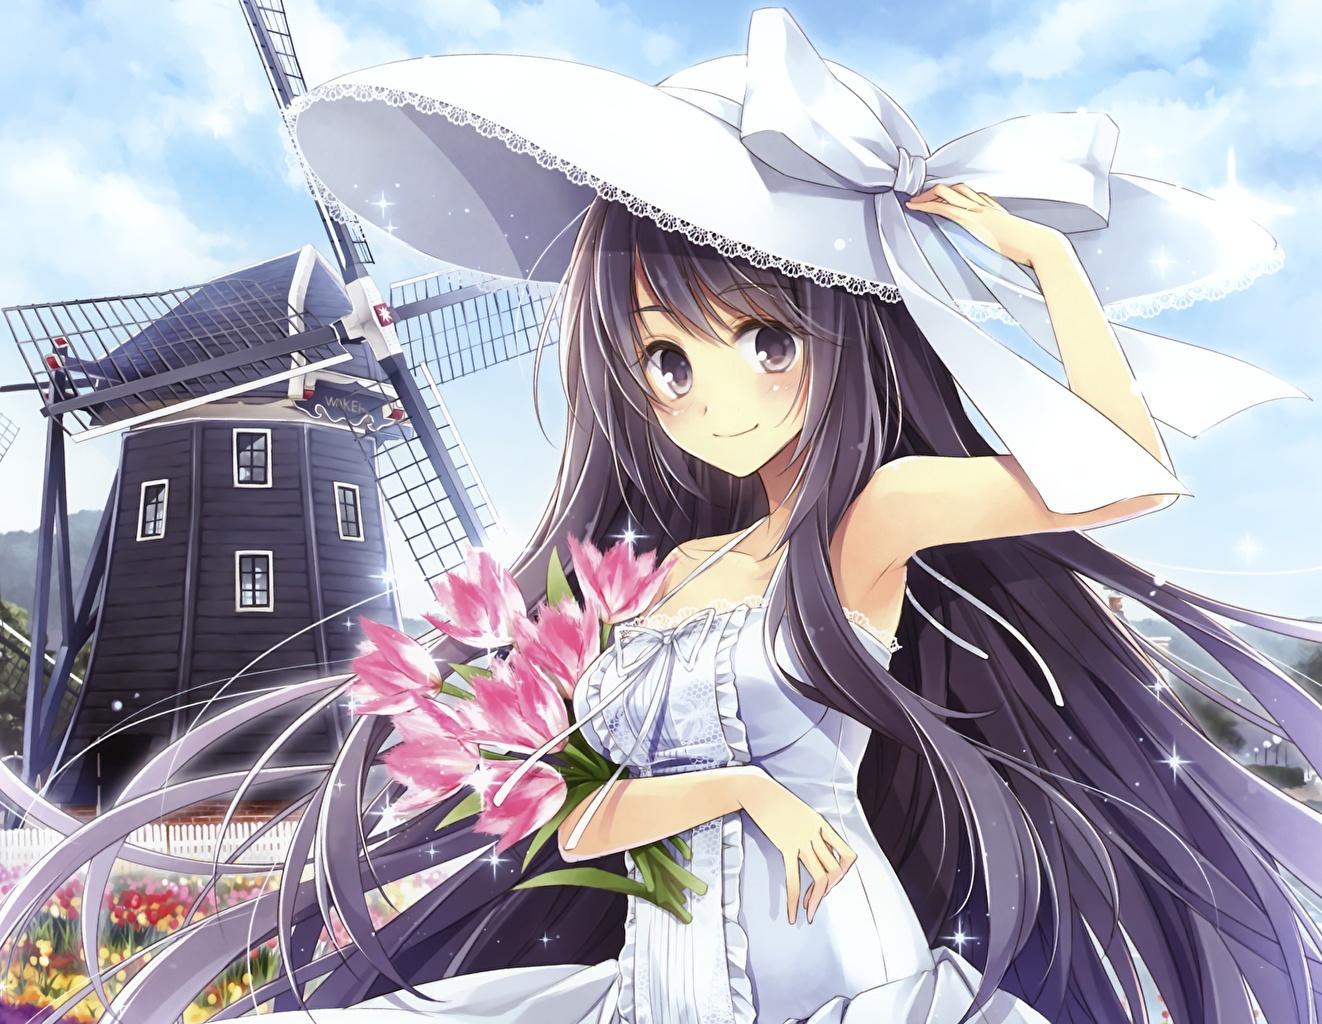 Фотография мельницы Hagiwara Rin Аниме шляпе Тюльпаны молодая женщина Мельница ветряная мельница шляпы Шляпа тюльпан девушка Девушки молодые женщины